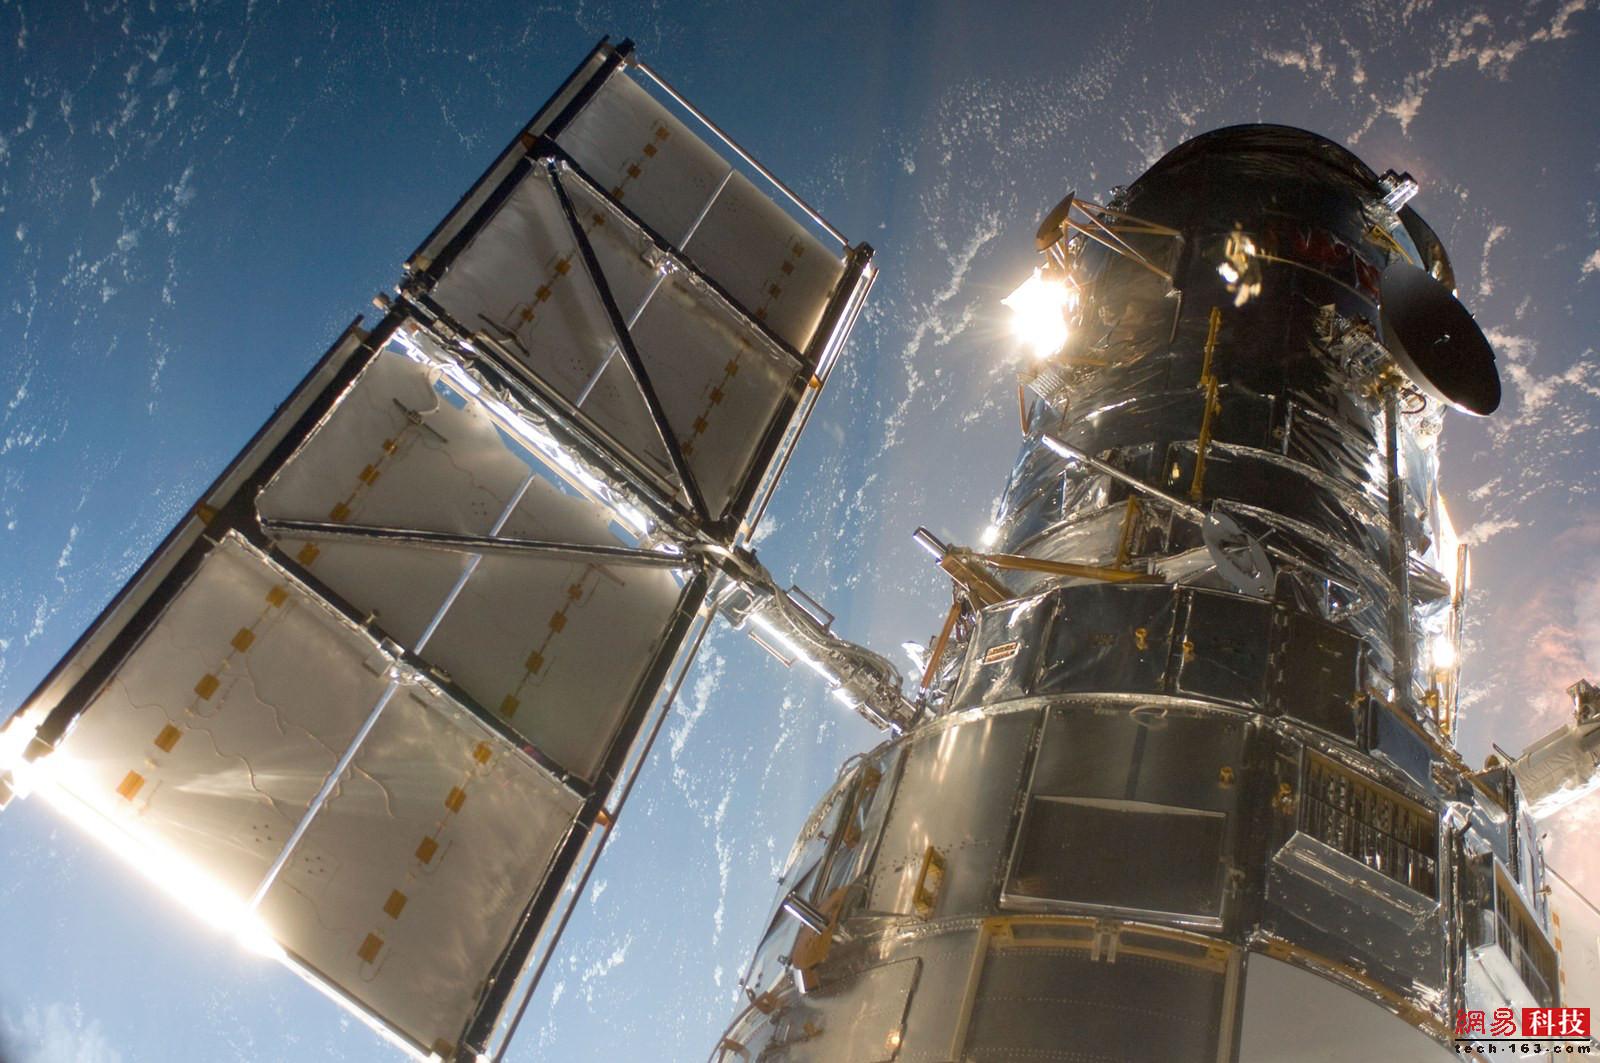 外媒天文图片精选:太空星云之美难以言表